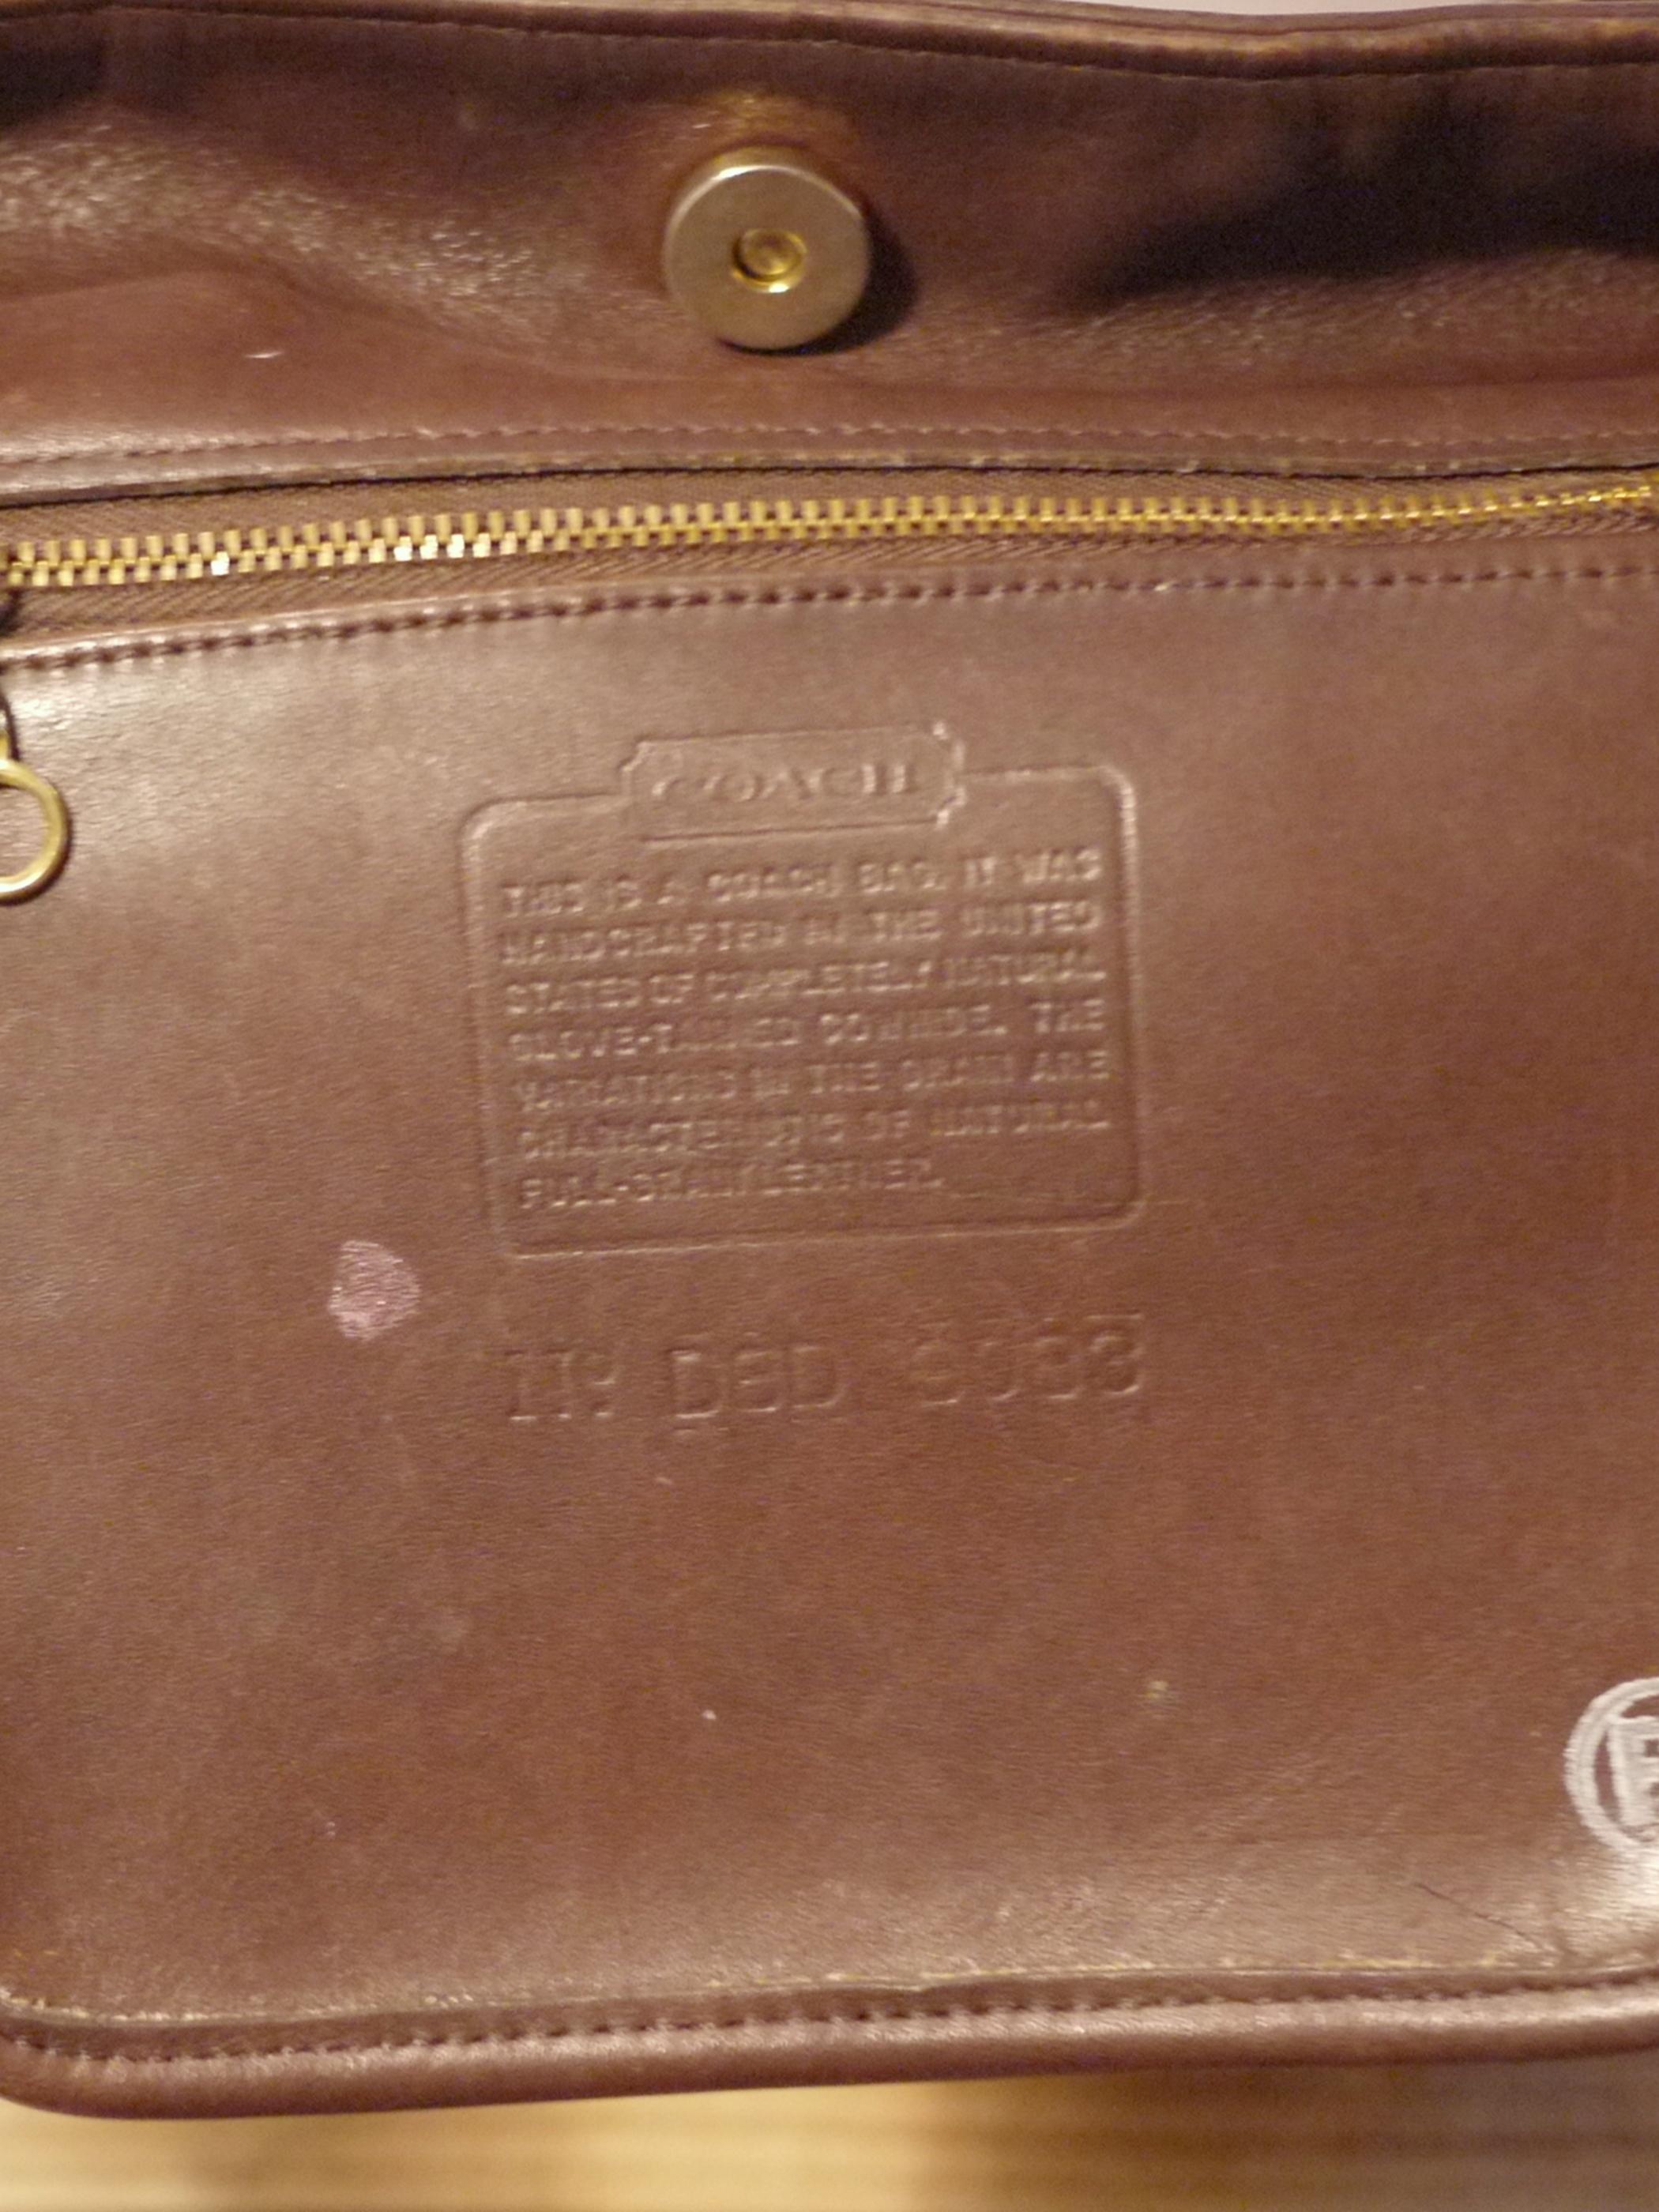 Old COACH Leather One shoulder Bag